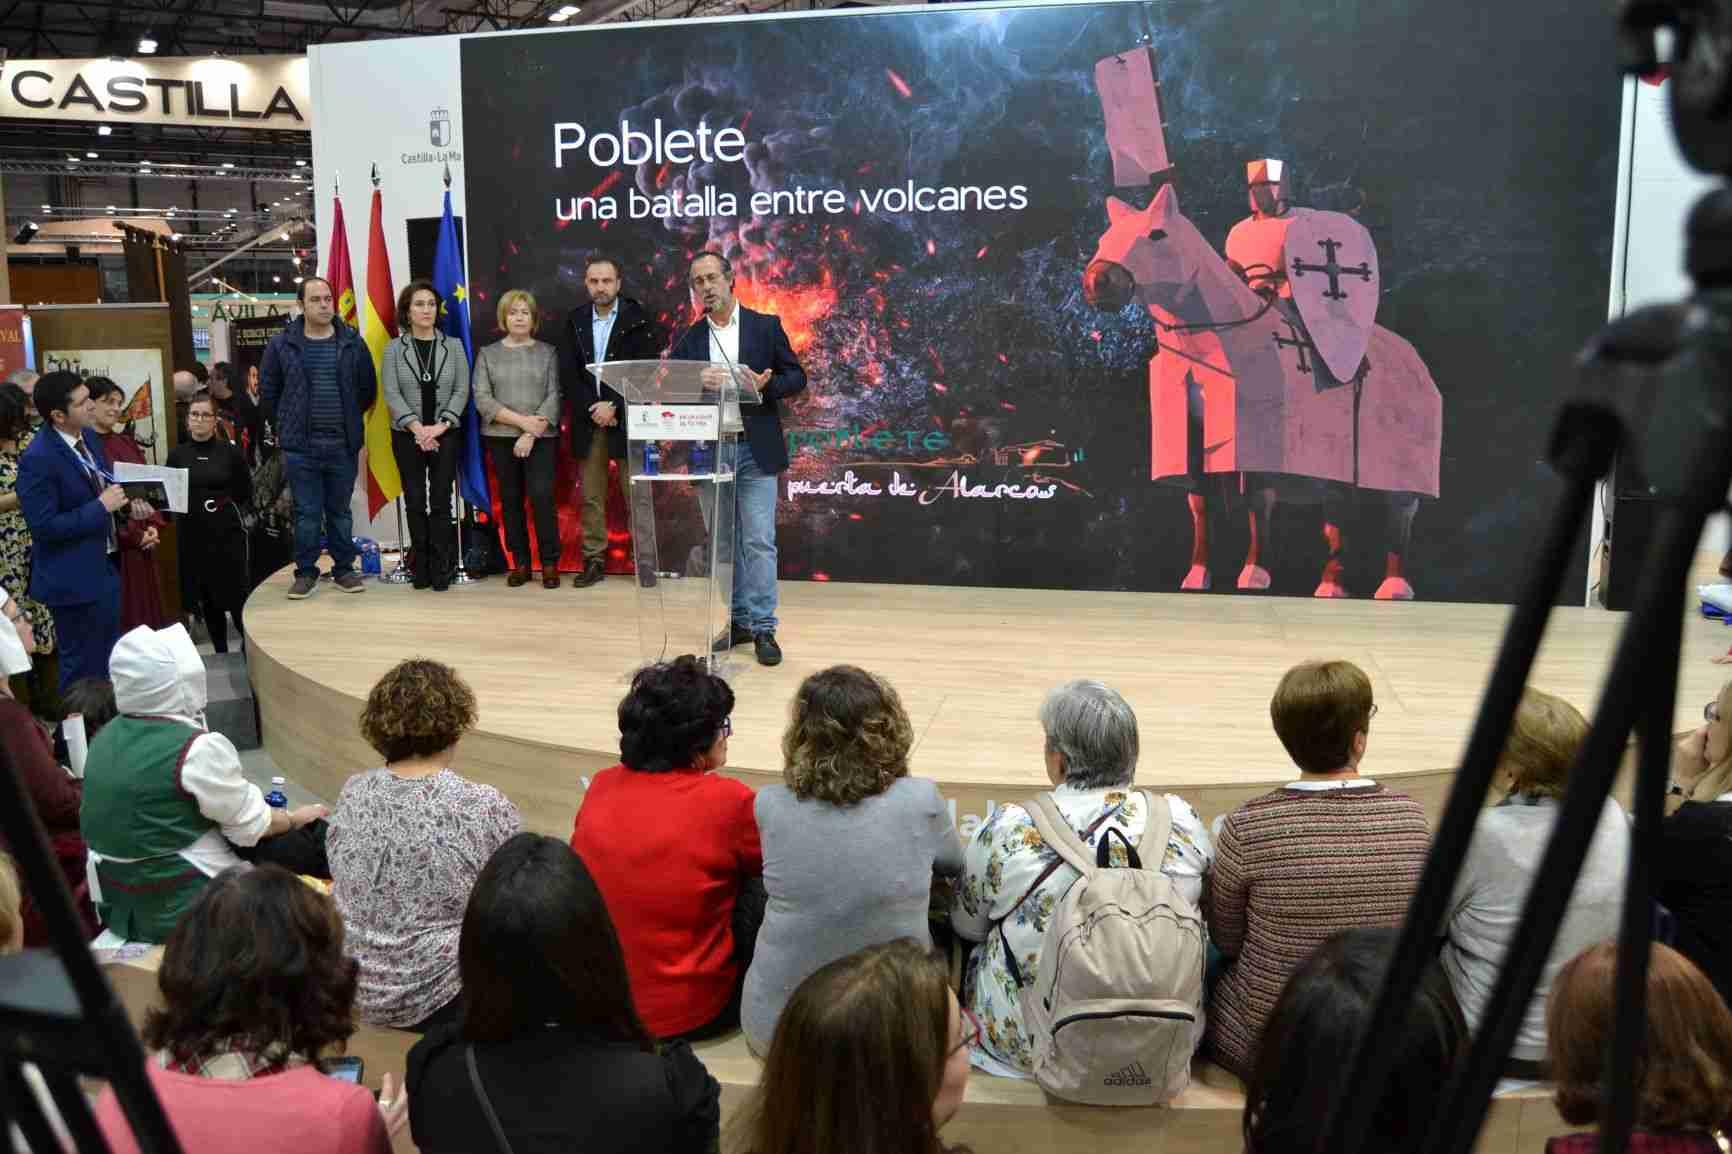 """Poblete participa en FITUR con """"Una batalla entre volcanes"""" 10"""